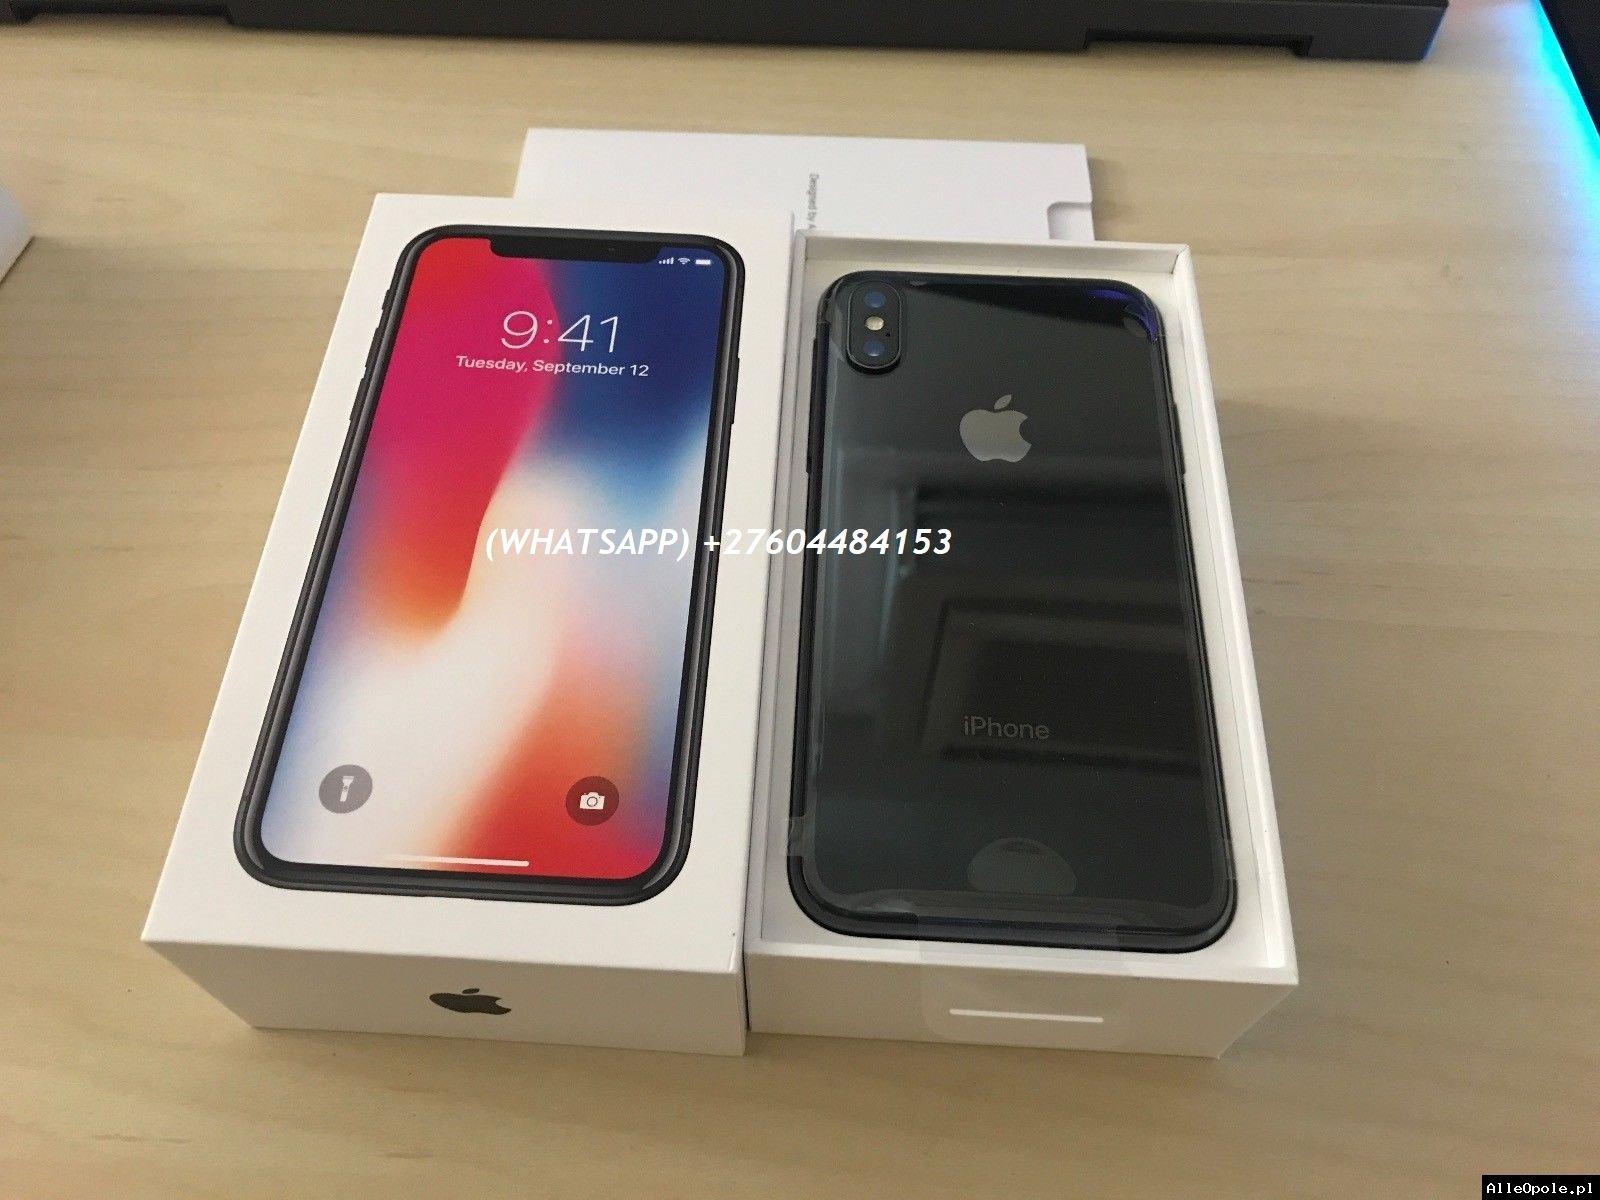 Apple iPhone X 64GB € 440 iPhone 8 64GB 365 € iPhone 7 32GB €300